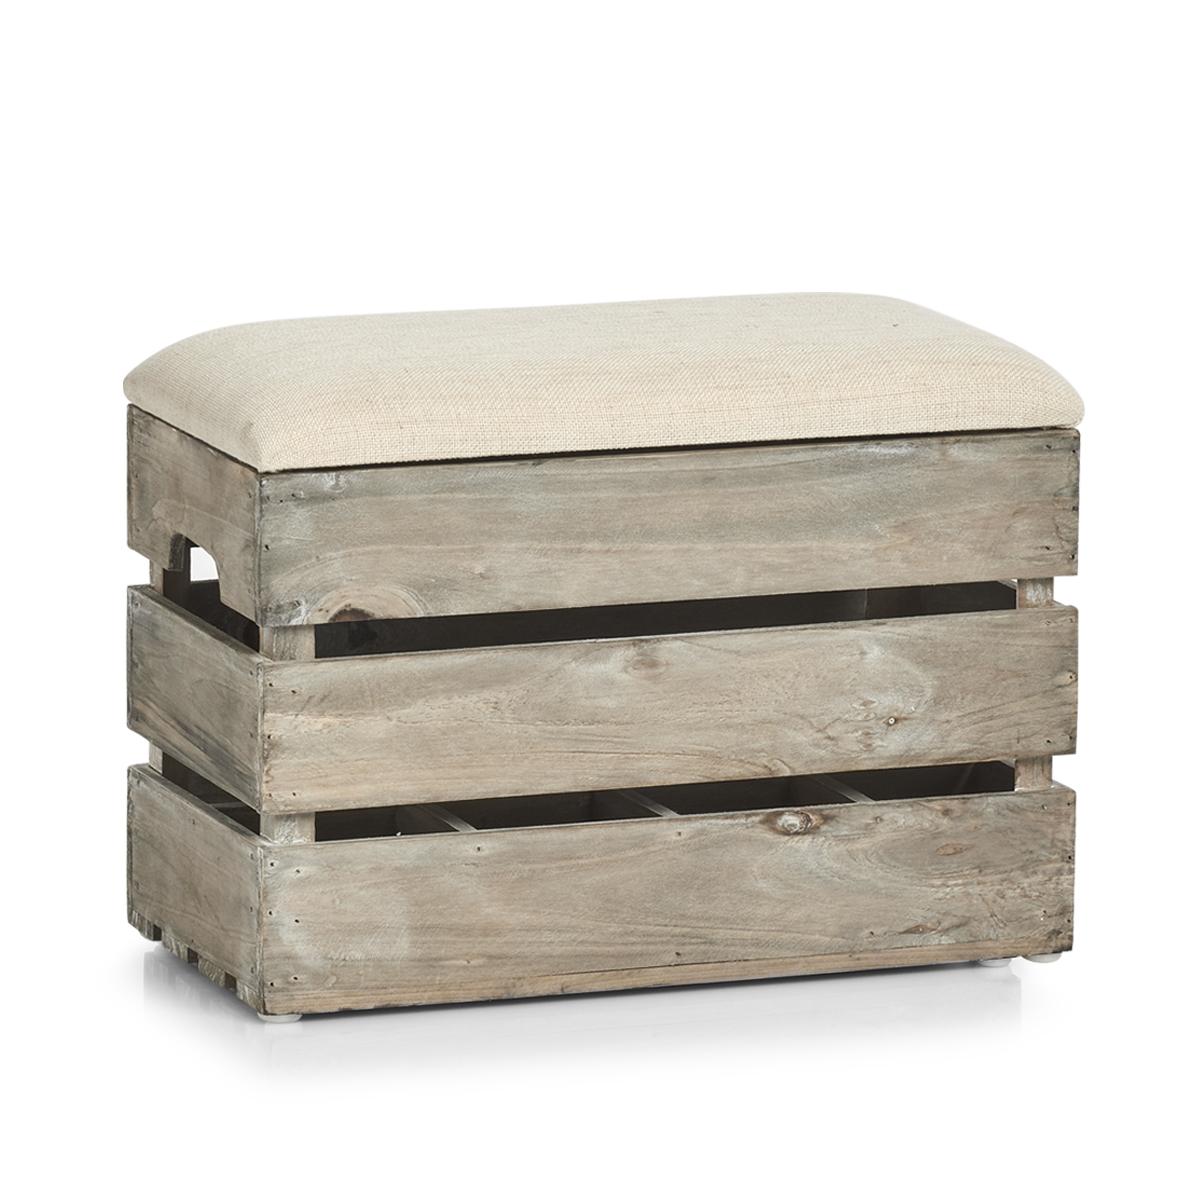 Taburet din lemn cu spatiu de depozitare, Wood Small Natural, l40xA20,5xH29 cm imagine